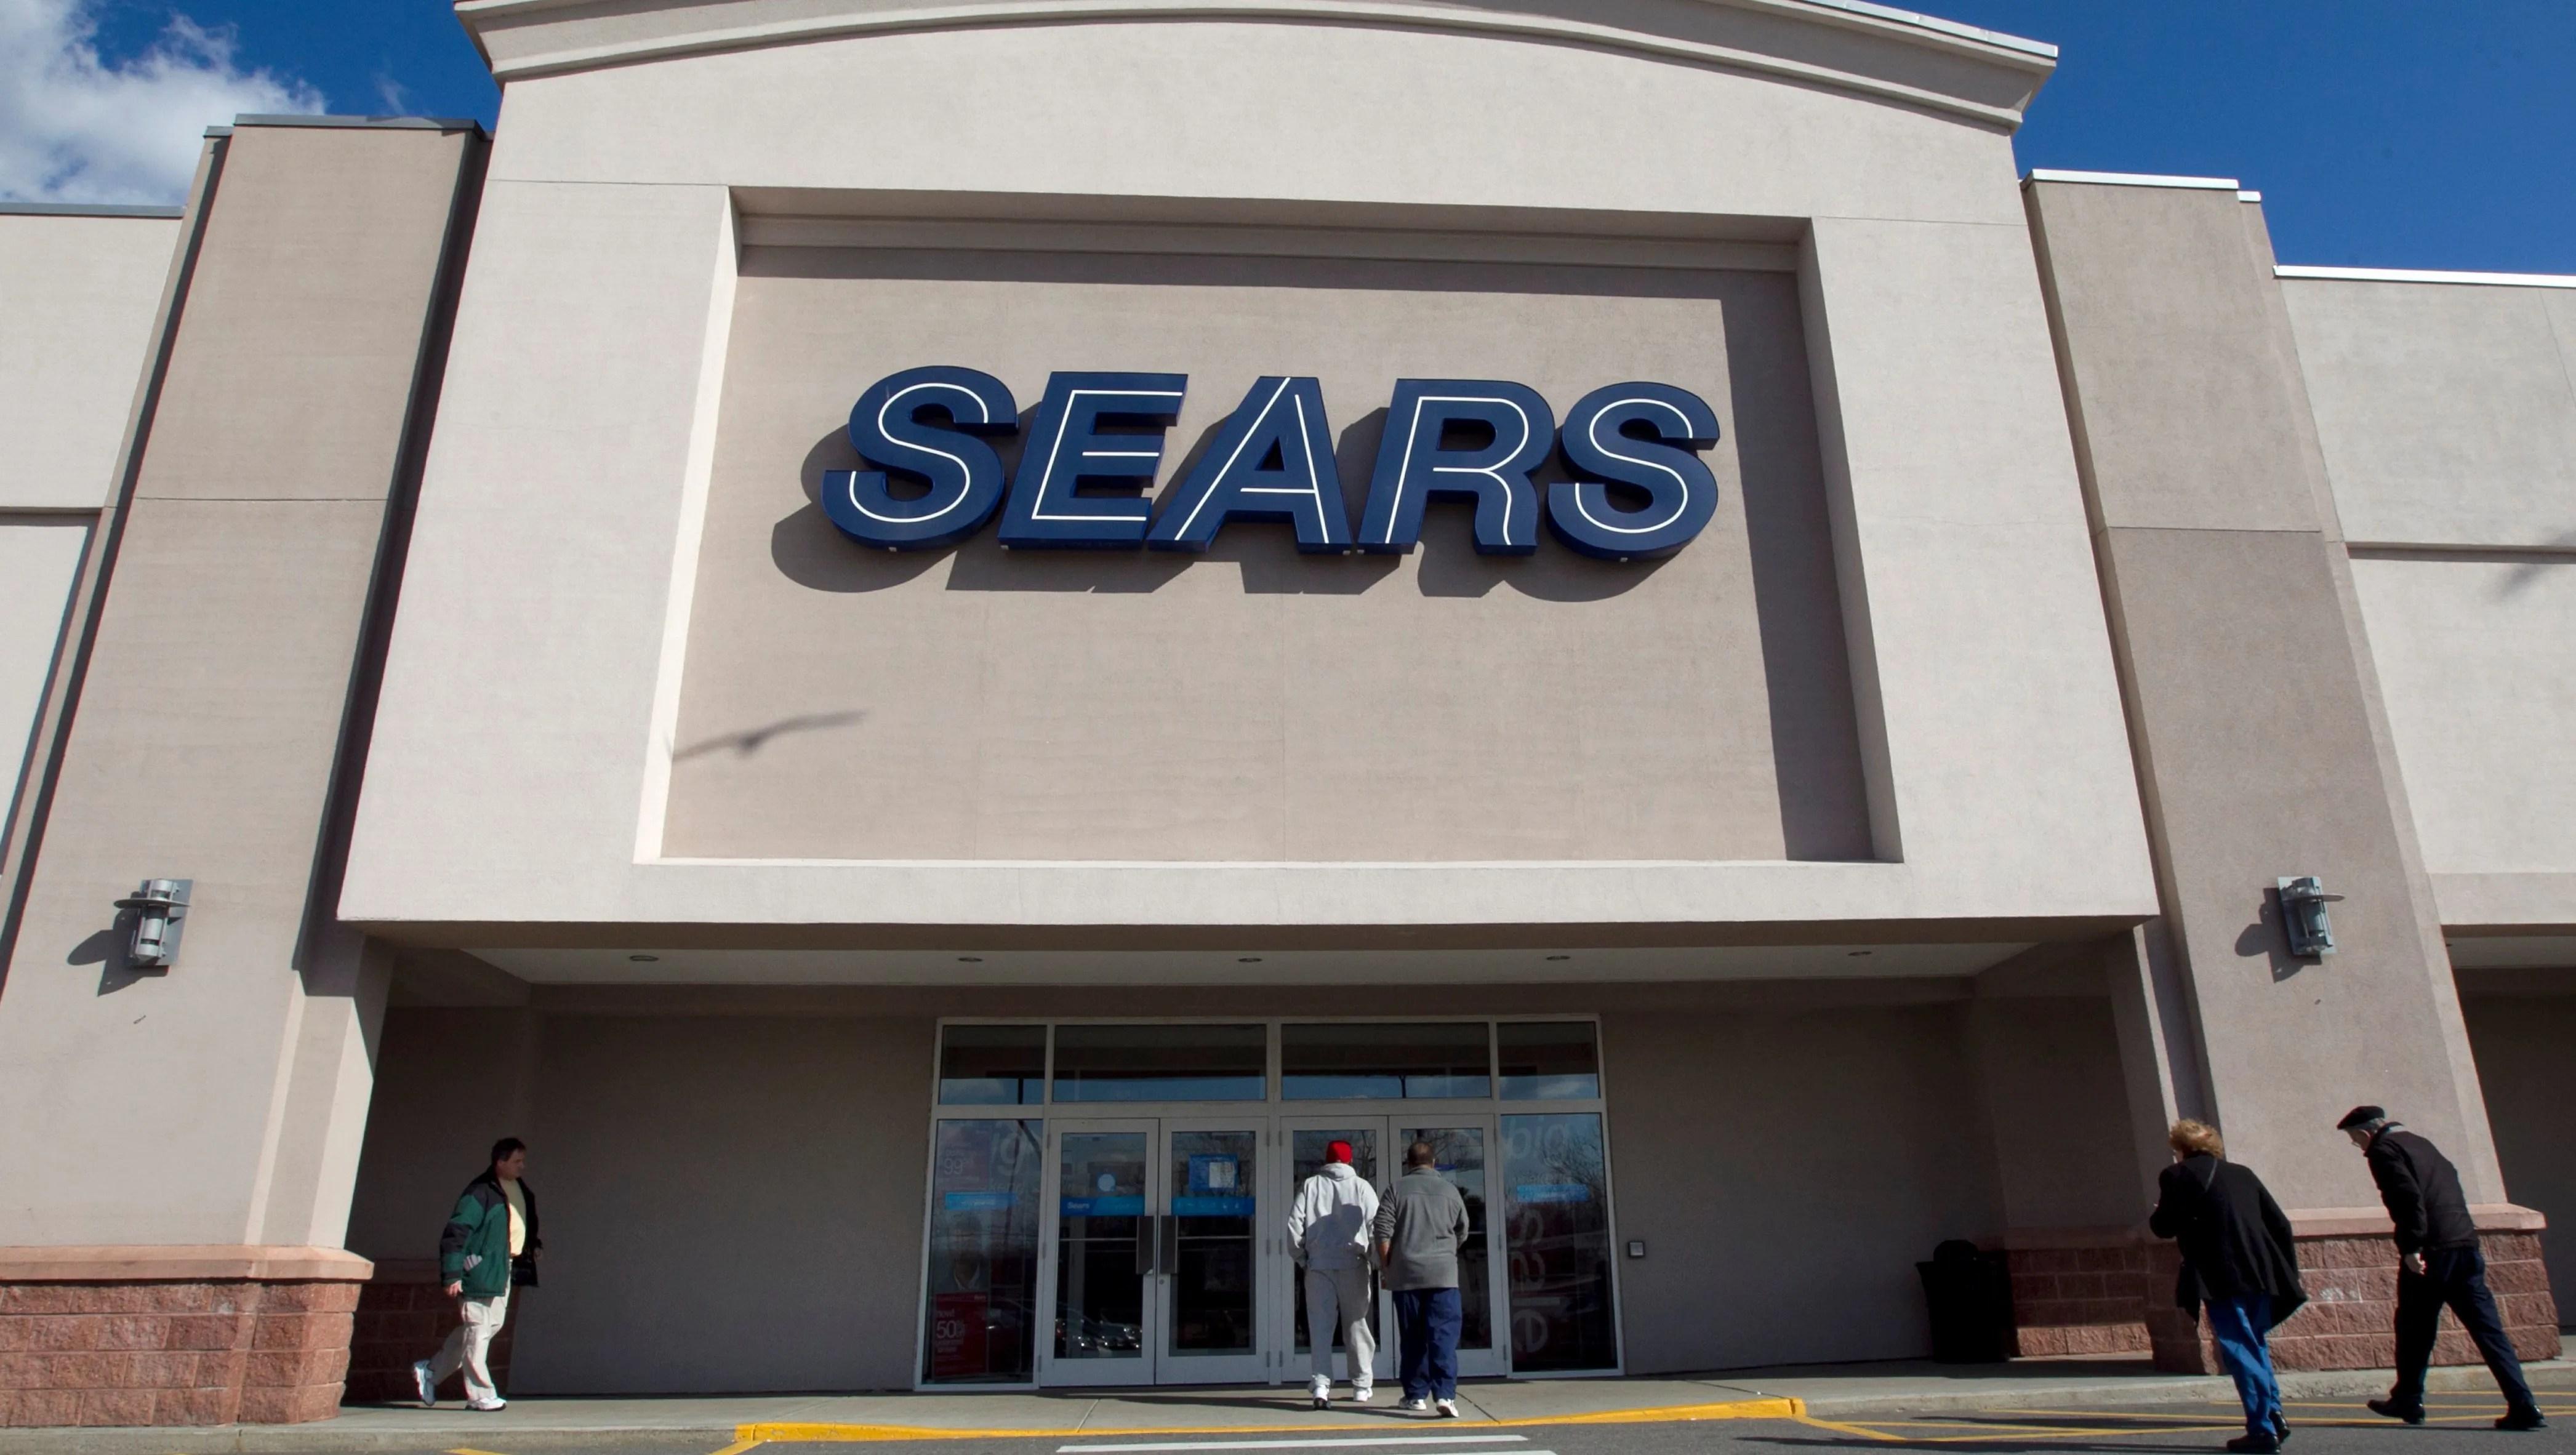 Sears Close Store And Auto Center Mall Greece Ridge